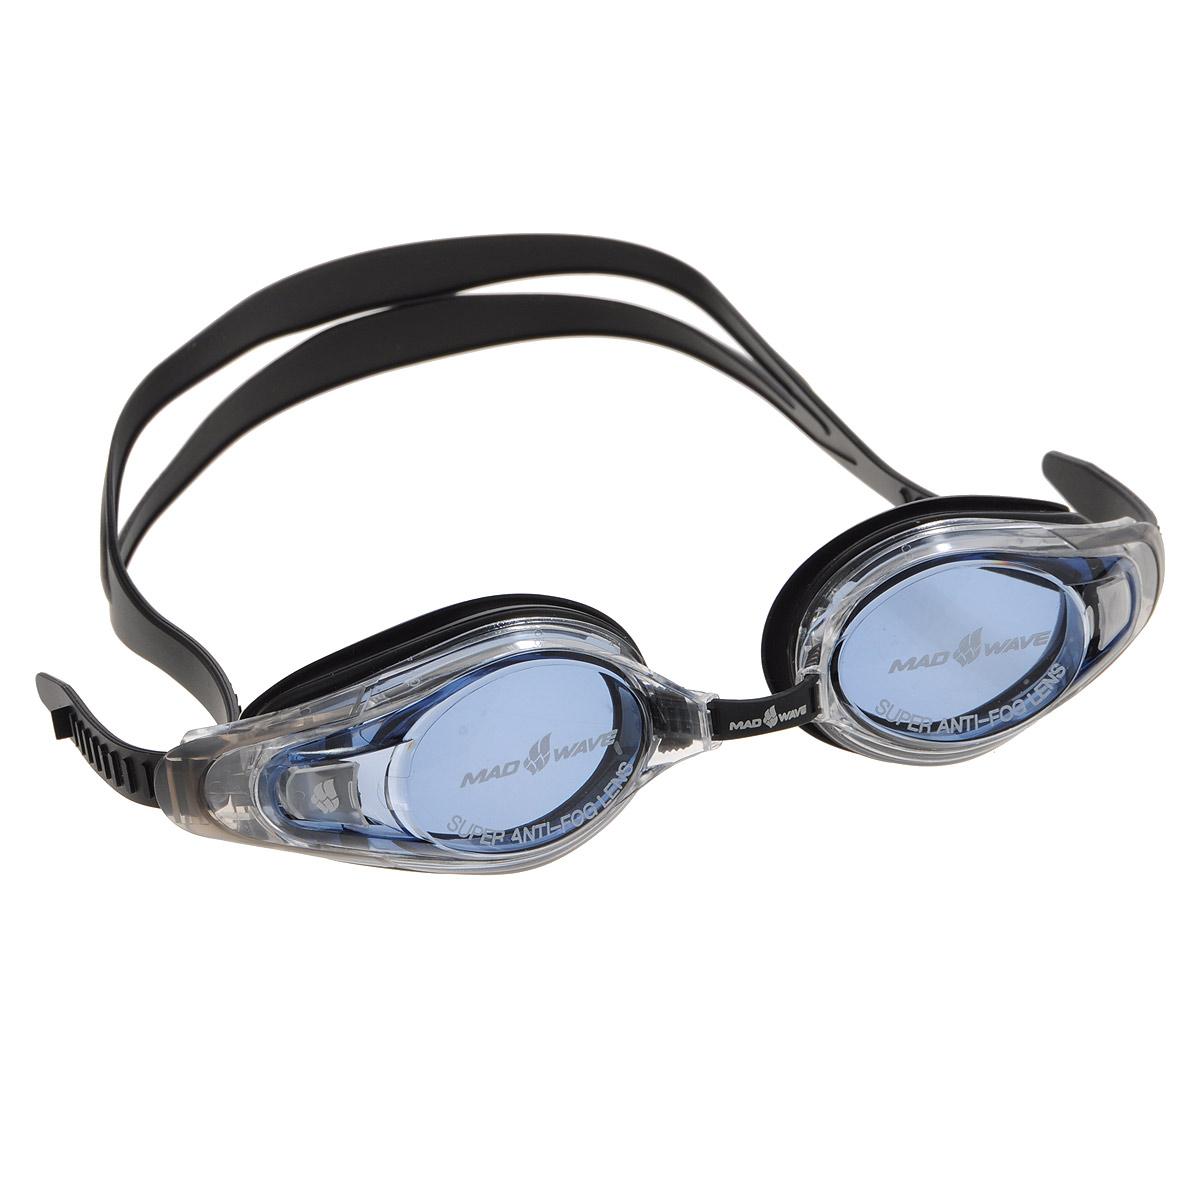 Очки для плавания с диоптриями MadWave Optic Envy Automatic, цвет: черный, -8J504N-9093Очки для плавания с диоптриями MadWave Optic Envy Automatic. Выполнены из поликарбоната и силикона.Особенности: Удобные очки с оптической силой -8.Система автоматической регулировки ремешков на корпусе очков.Защита от ультрафиолетовых лучей.Антизапотевающие стекла.Регулируемая восьмиступенчатая носовая перемычка.Сменная линза.Надежная безклеевая фиксация обтюратора.Плоский силиконовый ремешок.